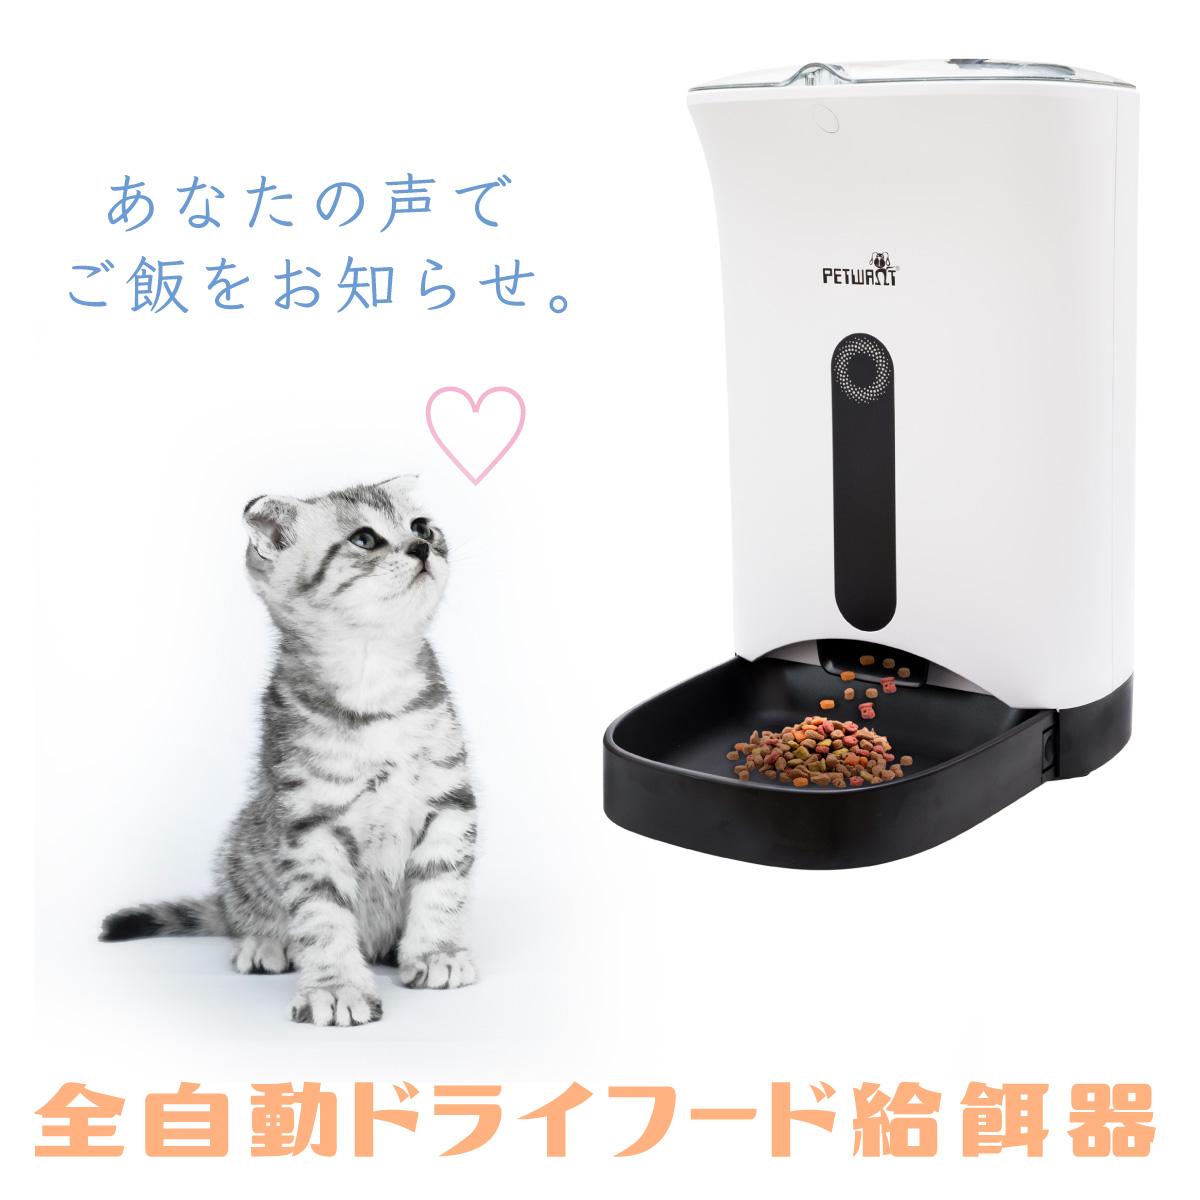 自動給餌器 猫 犬 カリカリ 自動 ペット 餌 やり 機 自動餌やり機 音声/録音機能付き ペットフード おやつ 食事 留守番 えさ ペット用品 オートペットフィーダー _83211